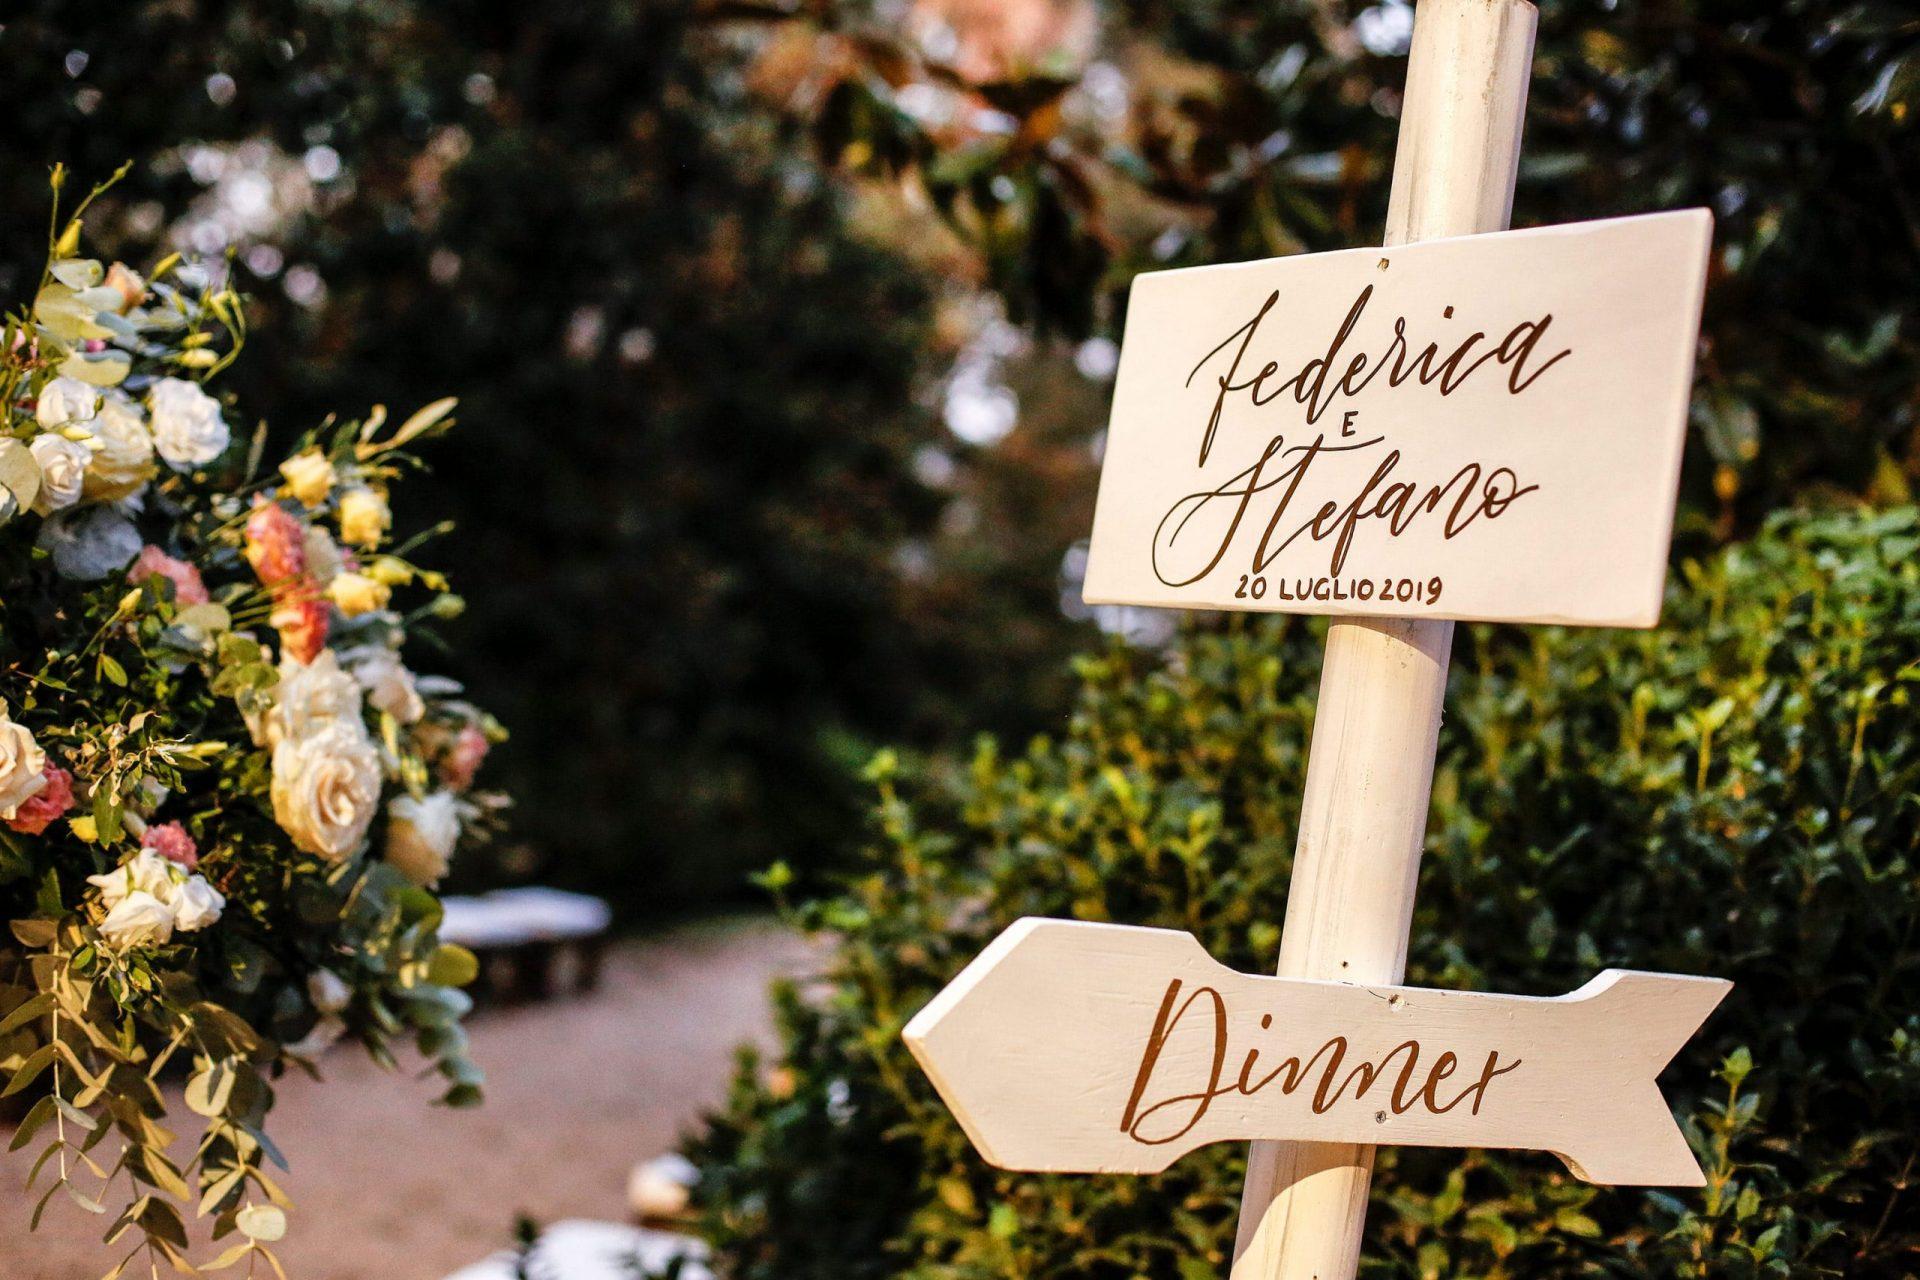 Federica and Stefano, historical villa in Cagliari, wedding signs